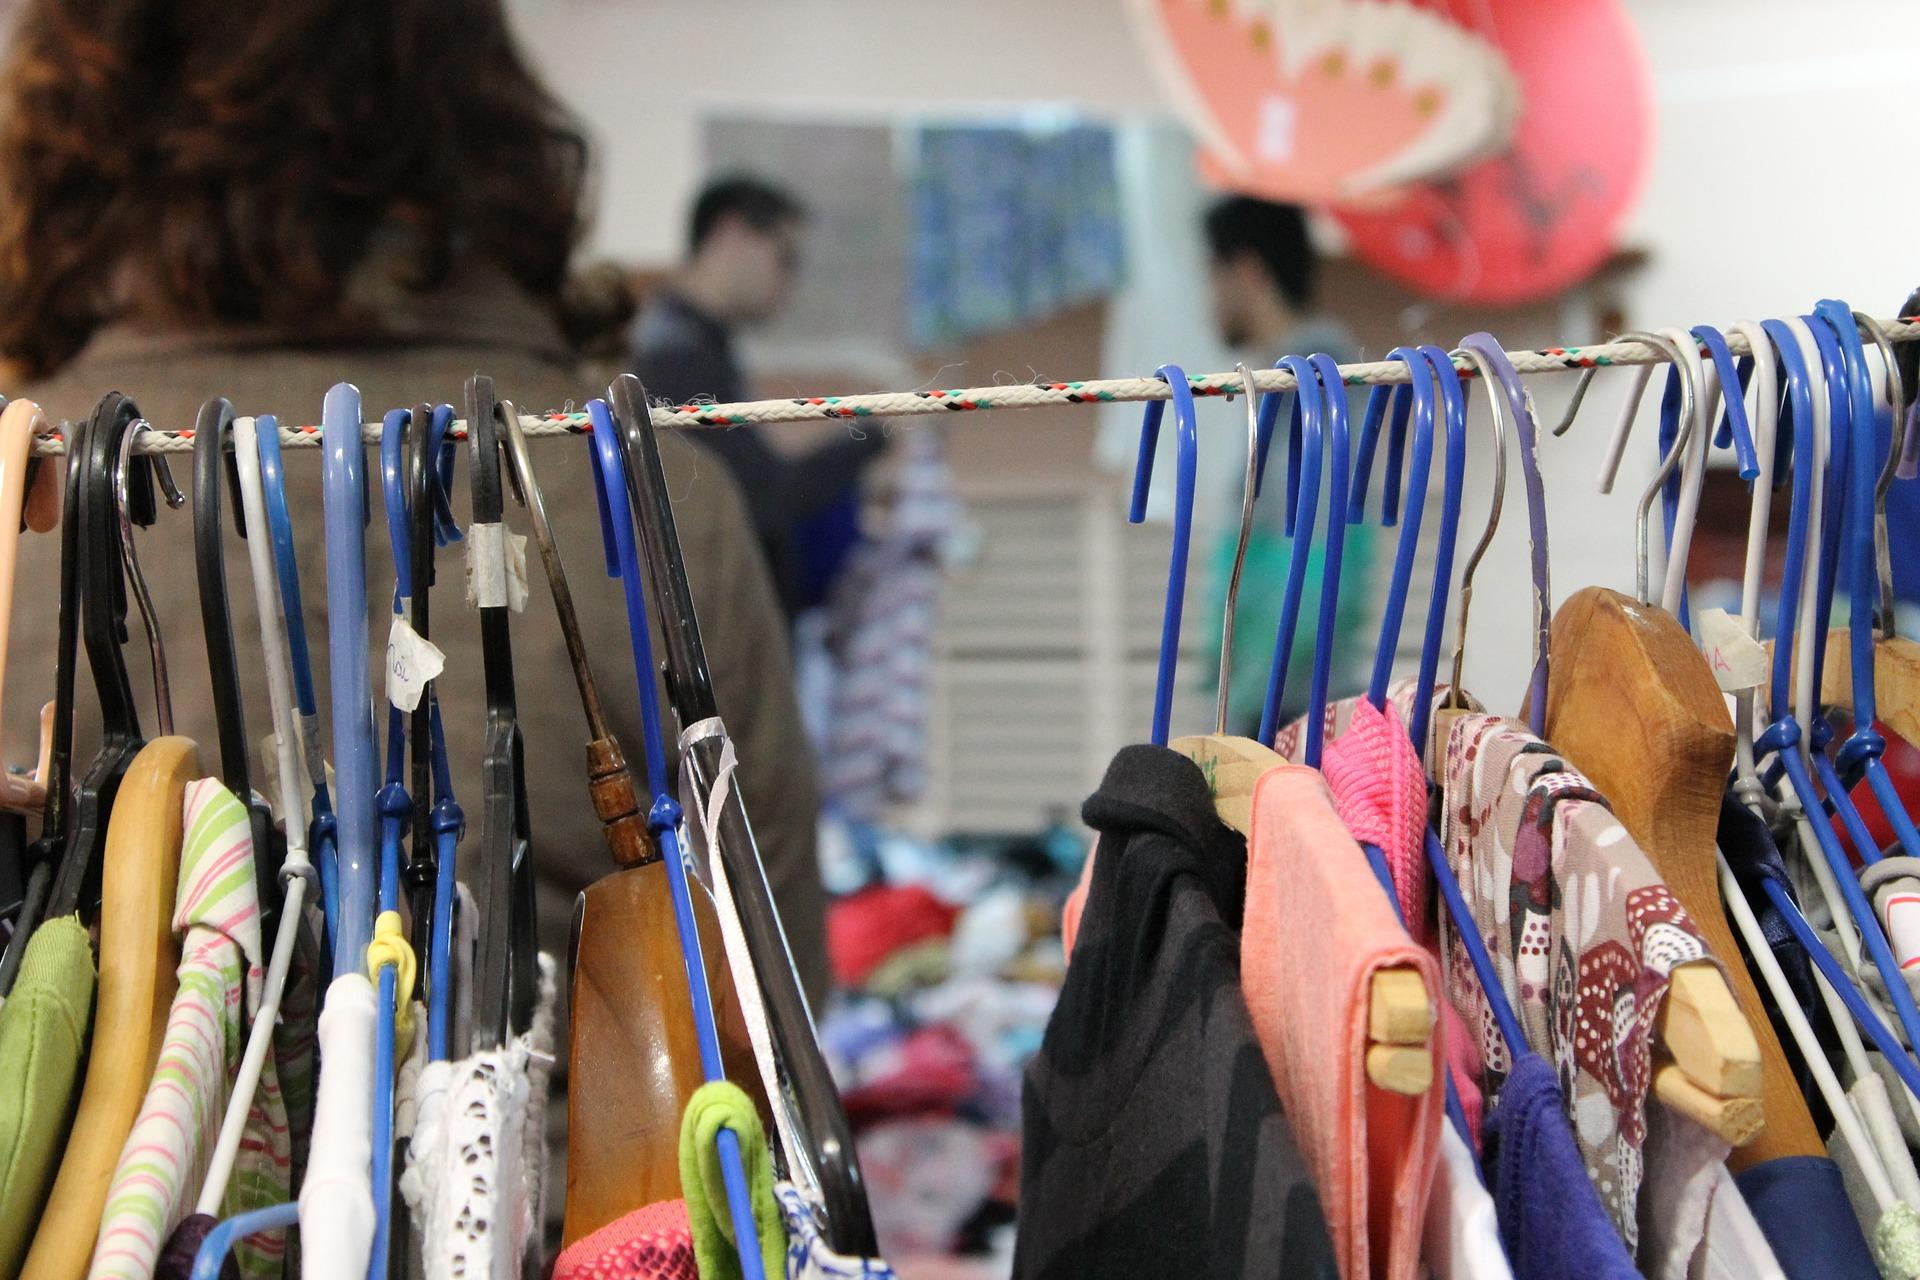 6a9d21b27 Sistema de coleta de roupas e calçados usados na Alemanha ...